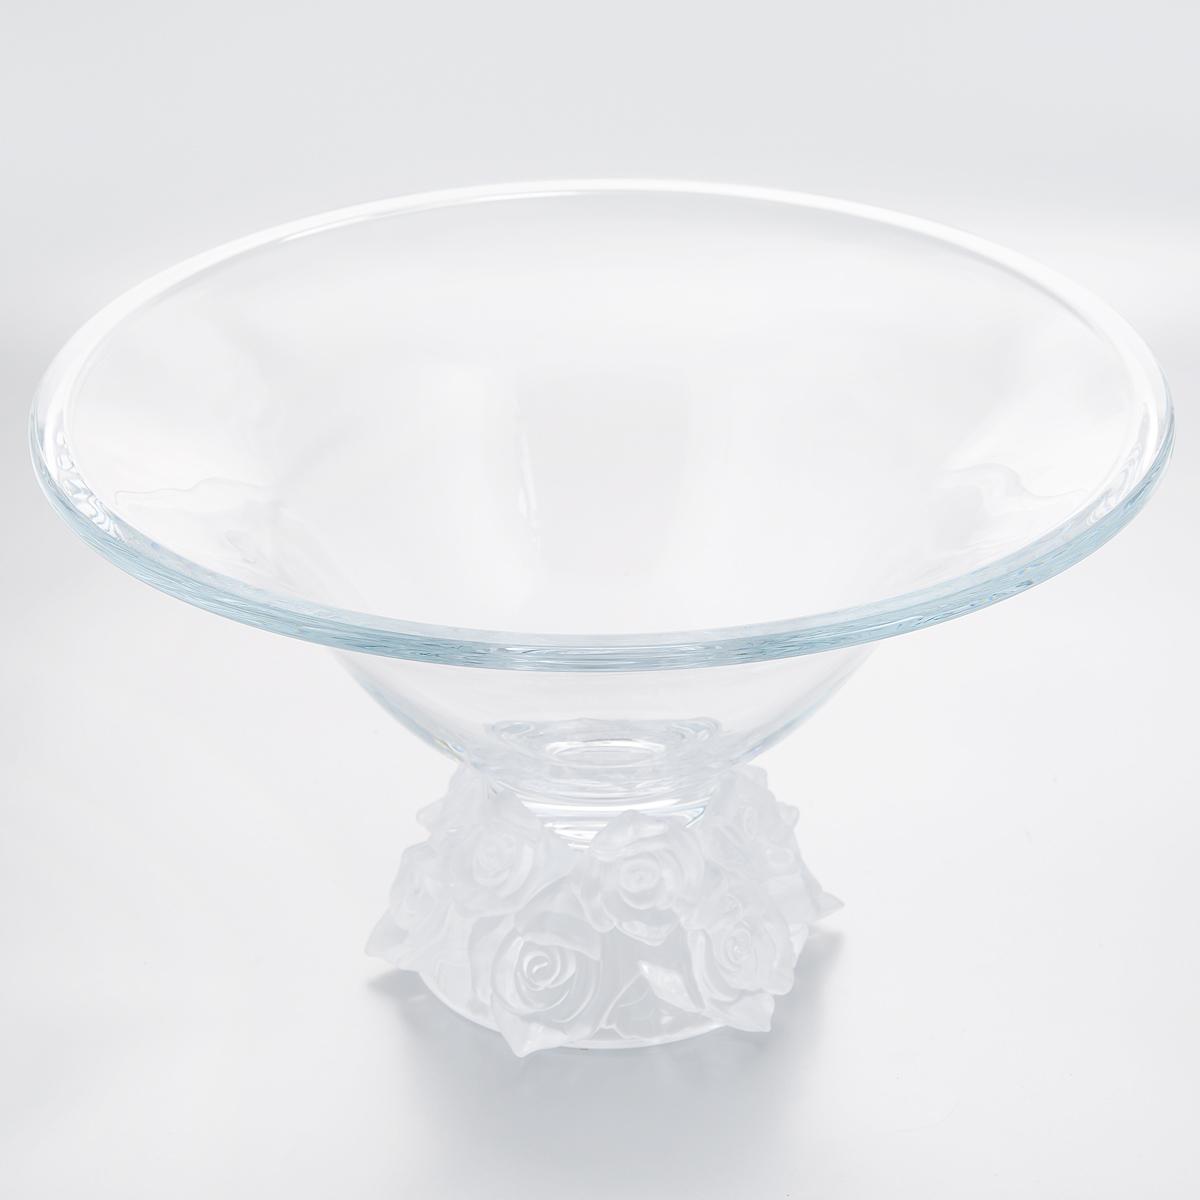 Ваза для фруктов Crystalite Bohemia Роза, цвет: белый, диаметр 35,5 см69519/1/72E13/355SИзящная ваза для фруктов Crystalite Bohemia Роза изготовлена из прочного утолщенного стекла кристалайт. Ваза имеет оригинальную форму в виде большой чаши, что делает ее изящным украшением праздничного стола. Она красиво переливается и излучает приятный блеск. Основание из цветного матового стекла декорировано рельефом в виде роз. Изделие прекрасно подходит для сервировки фруктов, конфет, пирожных и т.д. Ваза для фруктов Crystalite Bohemia Роза - это изысканное украшение праздничного стола, интерьера кухни или комнаты. Такая ваза станет желанным и стильным подарком.Не использовать в посудомоечной машине и микроволновой печи.